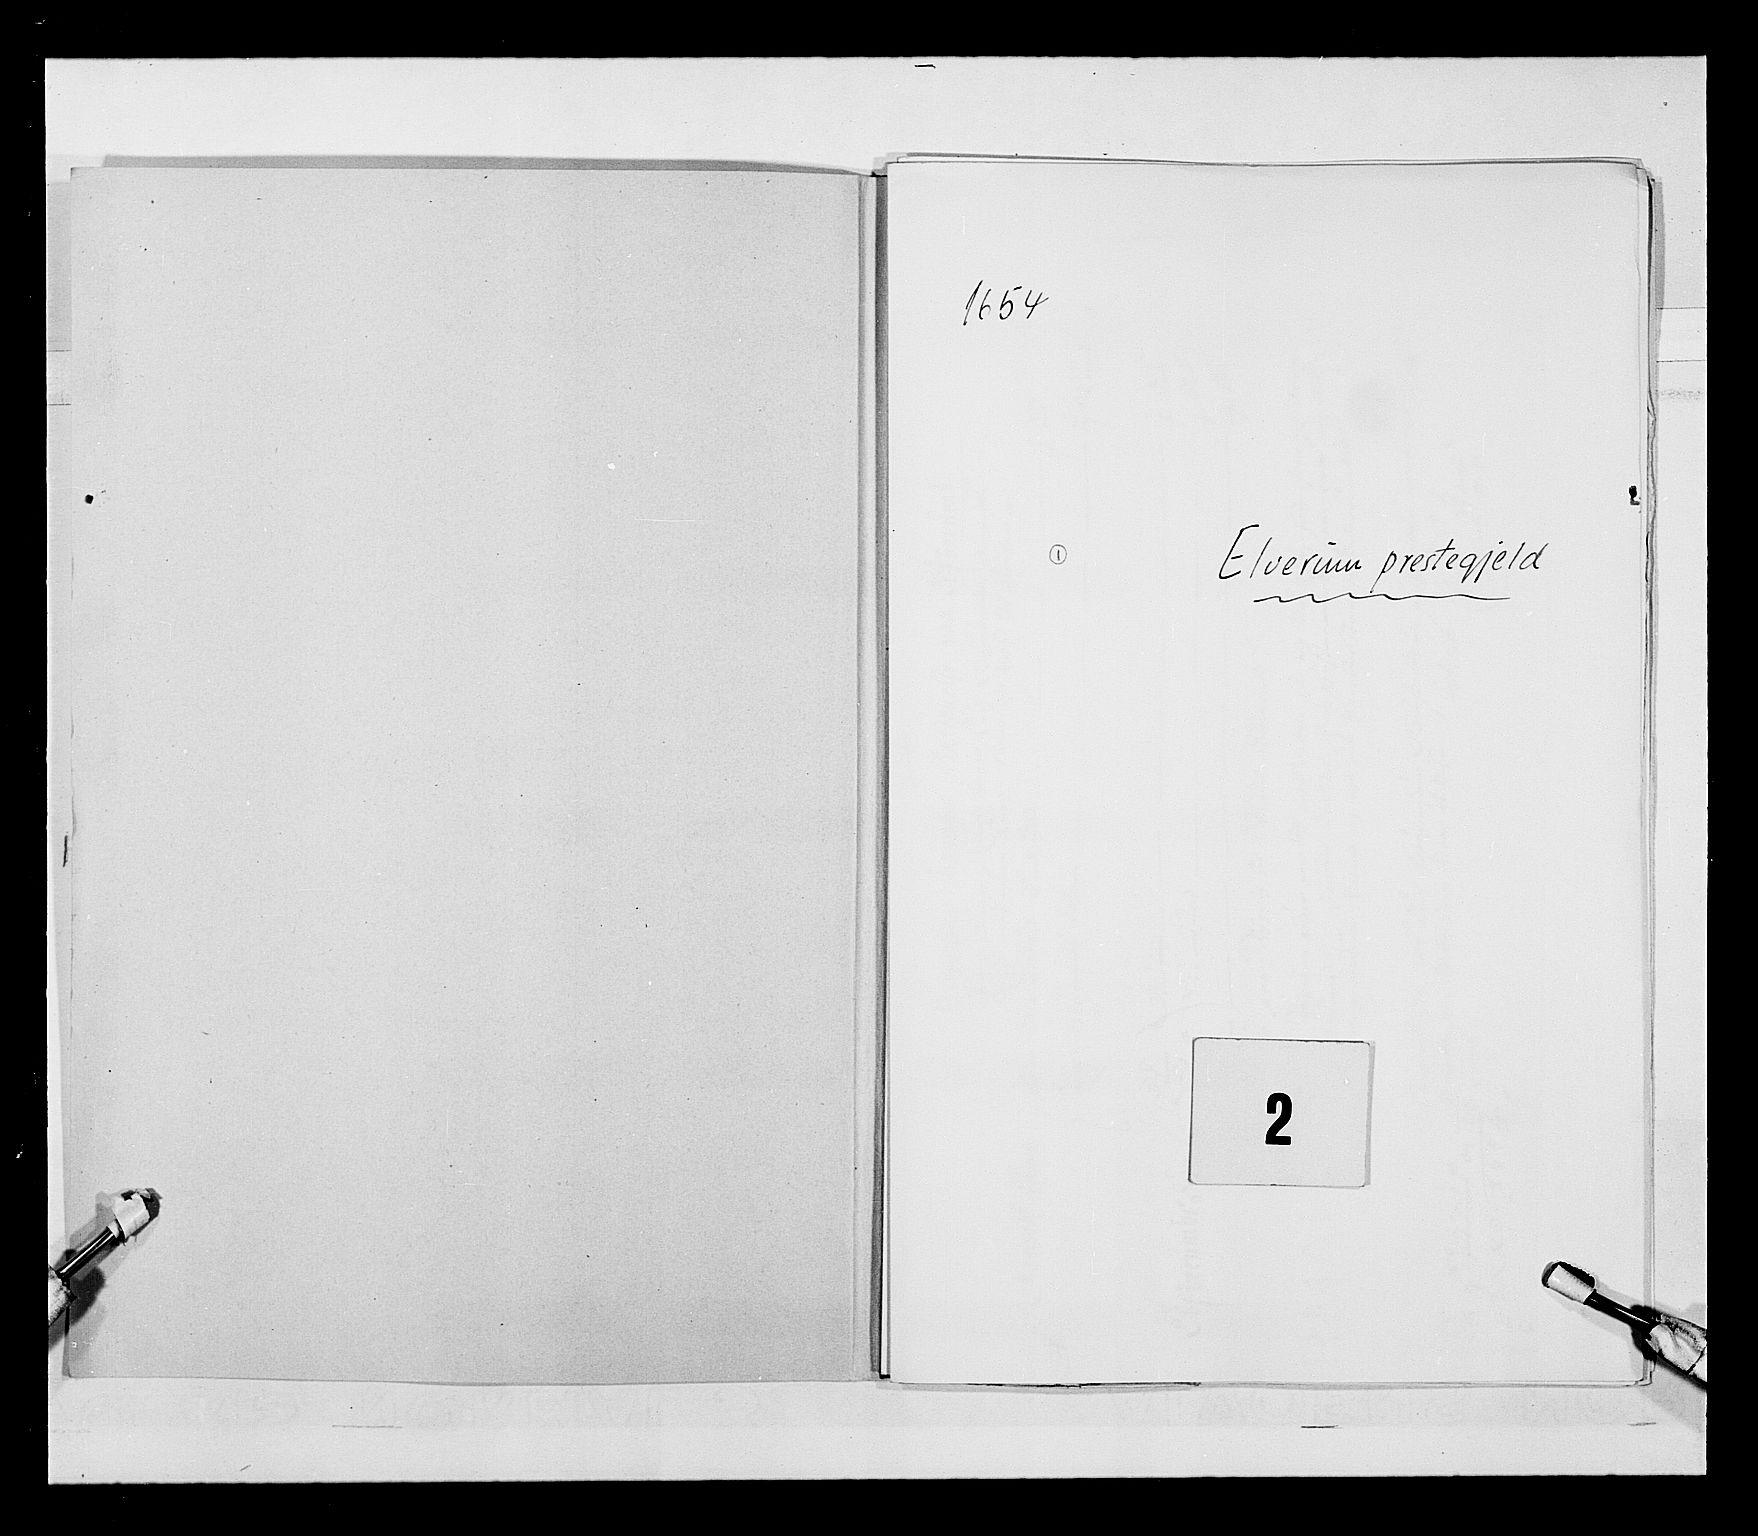 RA, Stattholderembetet 1572-1771, Ek/L0030: Jordebøker 1633-1658:, 1654, s. 2